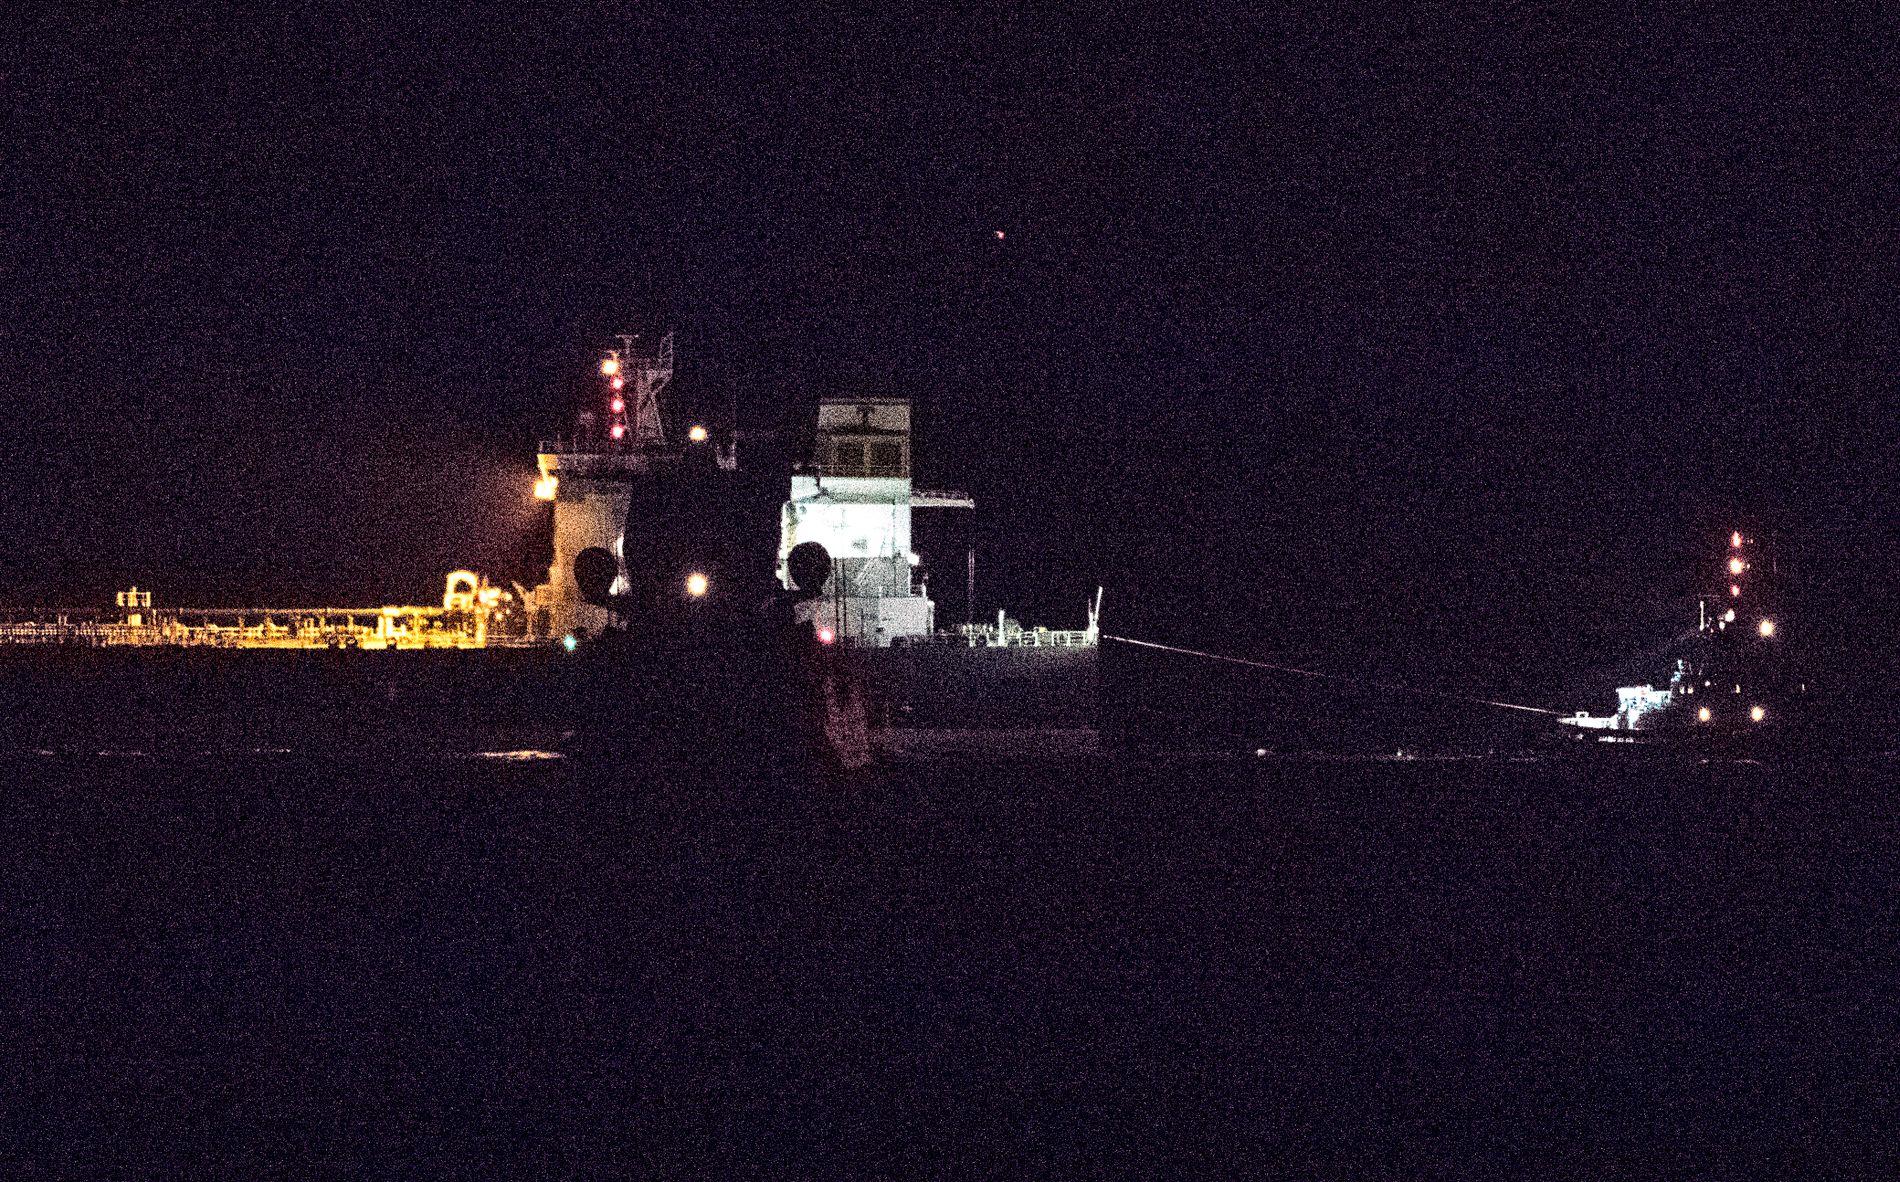 GIKK SKADEFRITT: De to fartøyene KNM «Roald Amundsen» og «Sola TS» passerte hverandre på trygg avstand da de gjennomførte en observasjonsseilas natt til tirsdag.